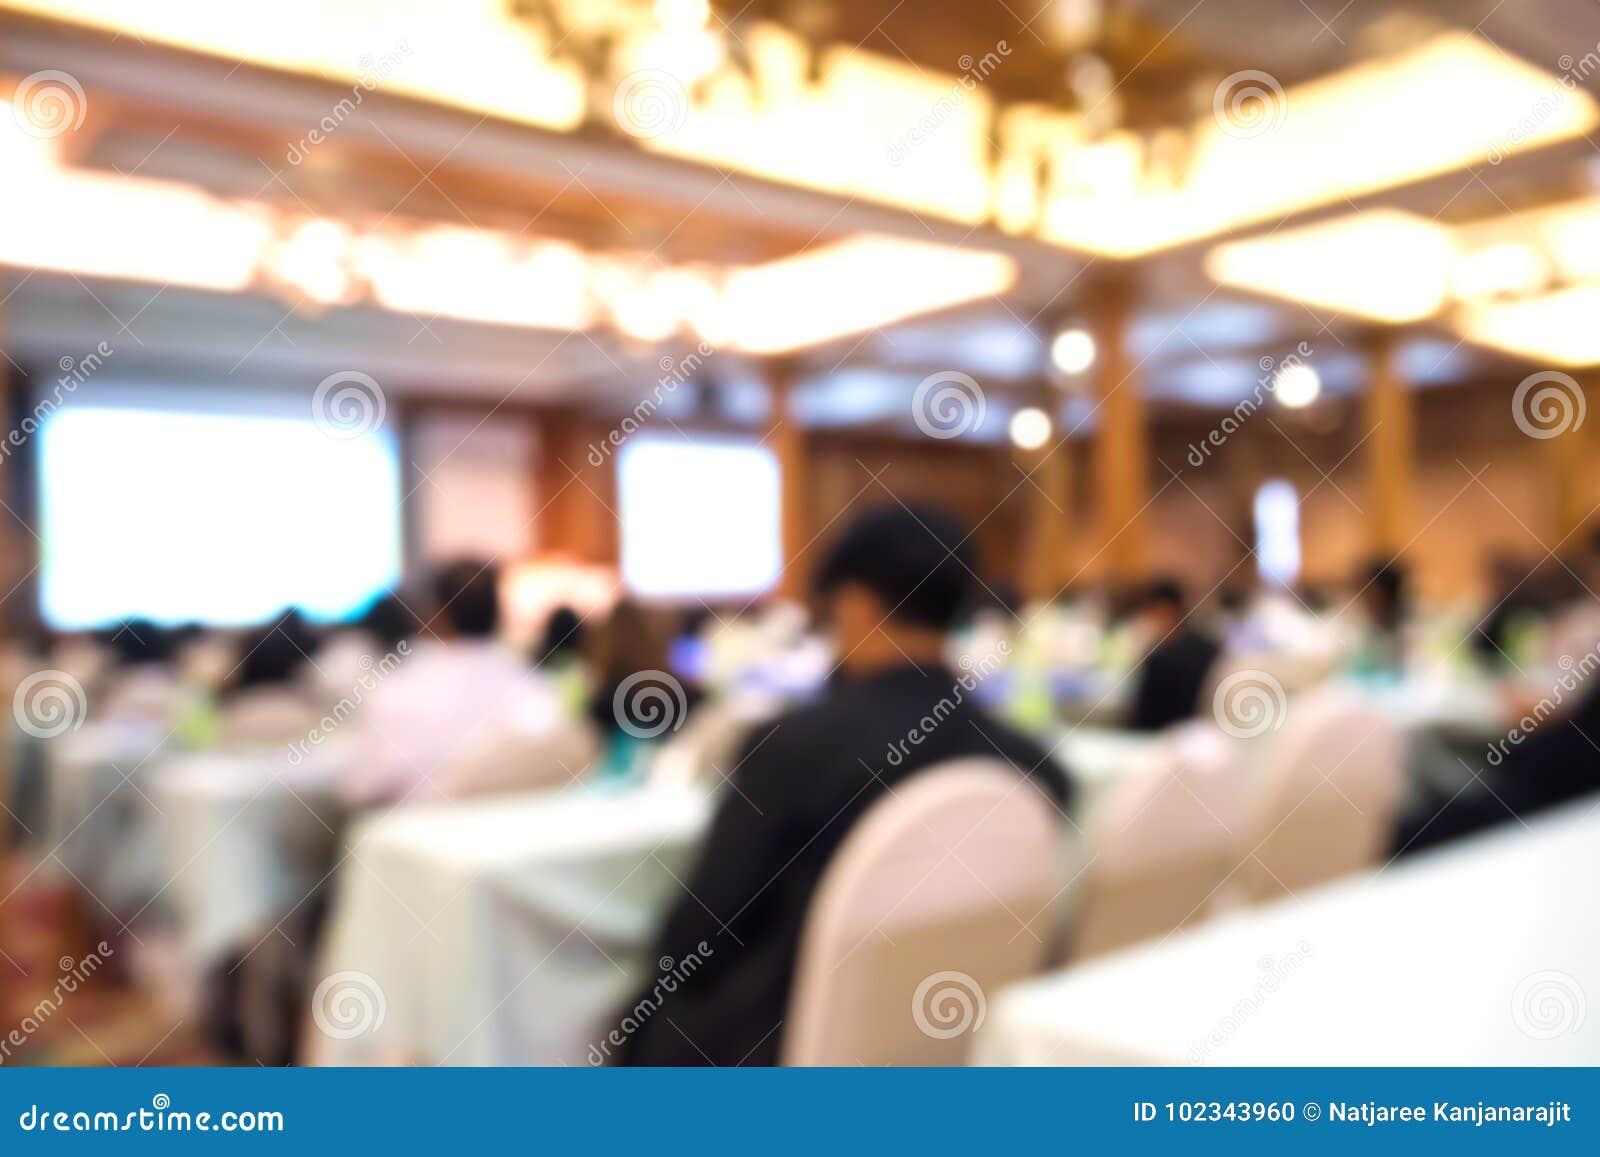 Biznesu zamazany tło Konwersatorium i konferencja w conventio